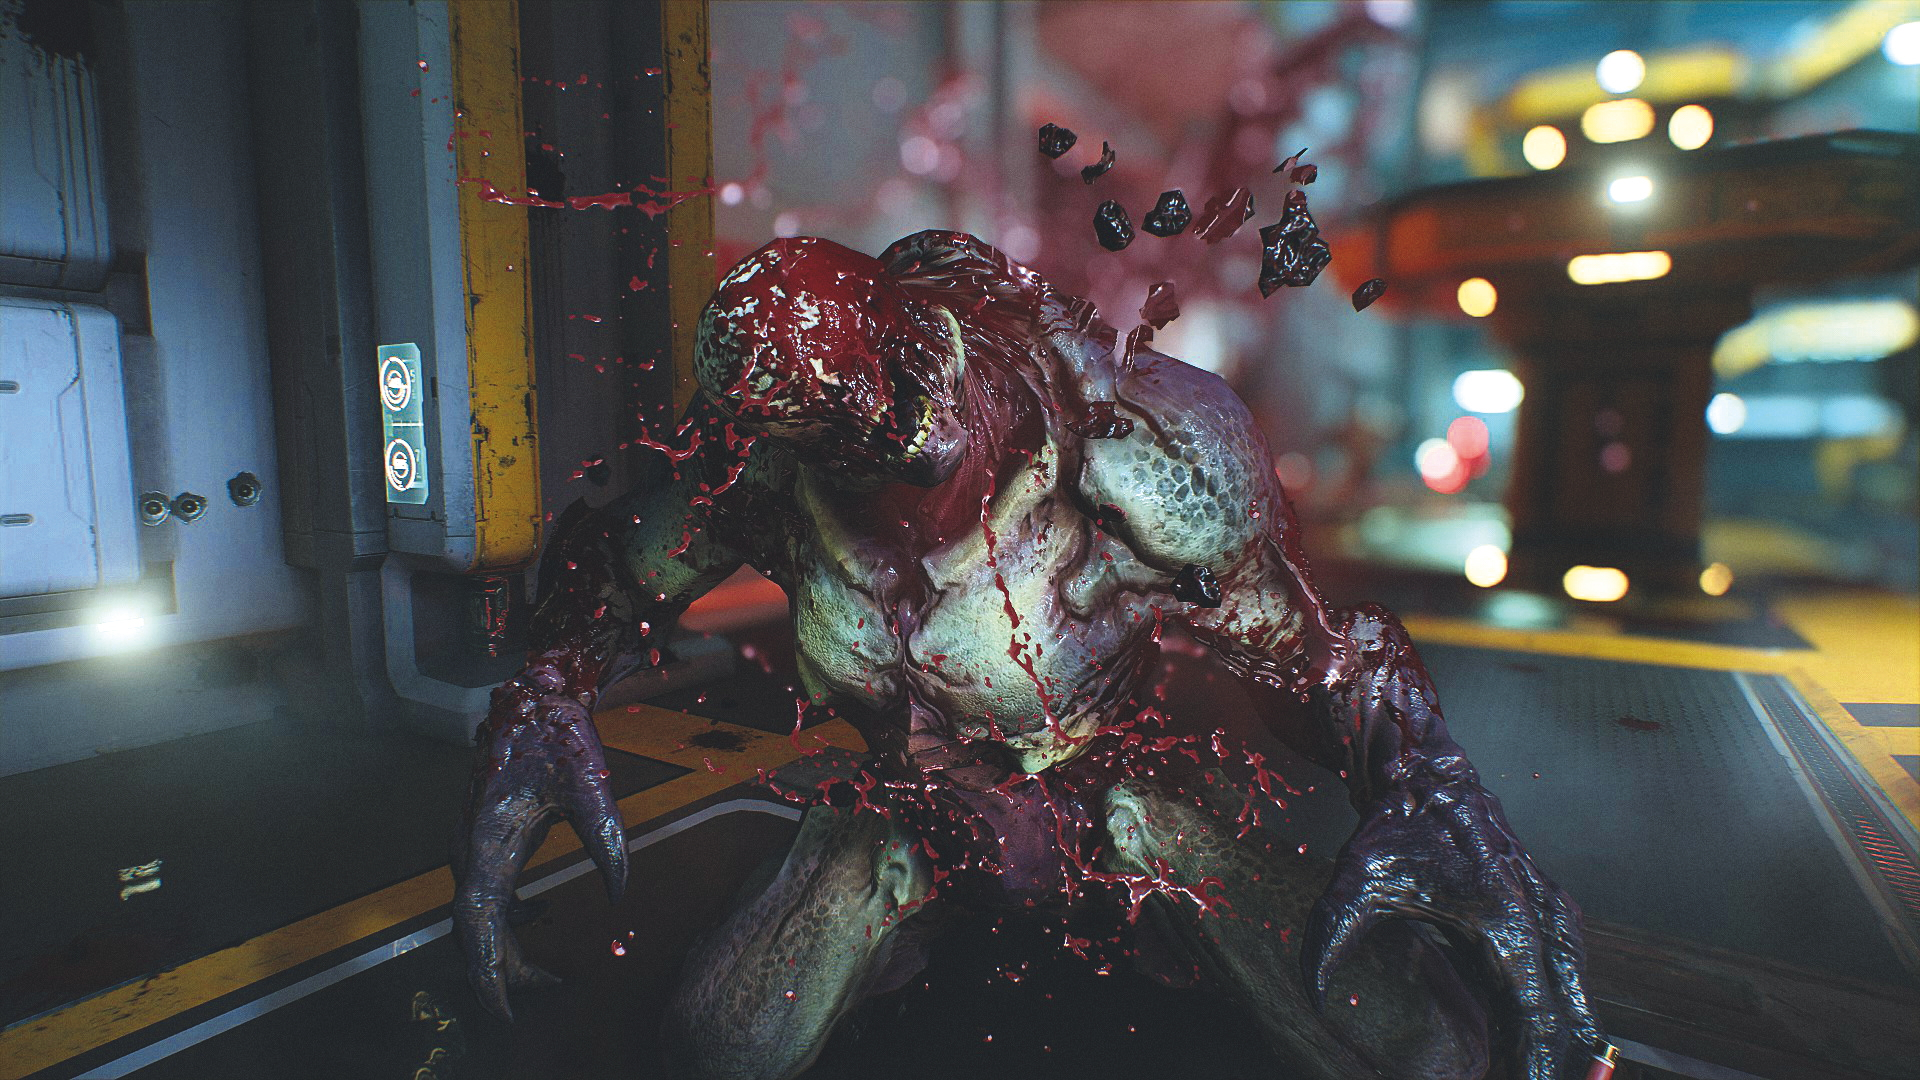 No guts, no glory kill - why I love Doom's brilliant